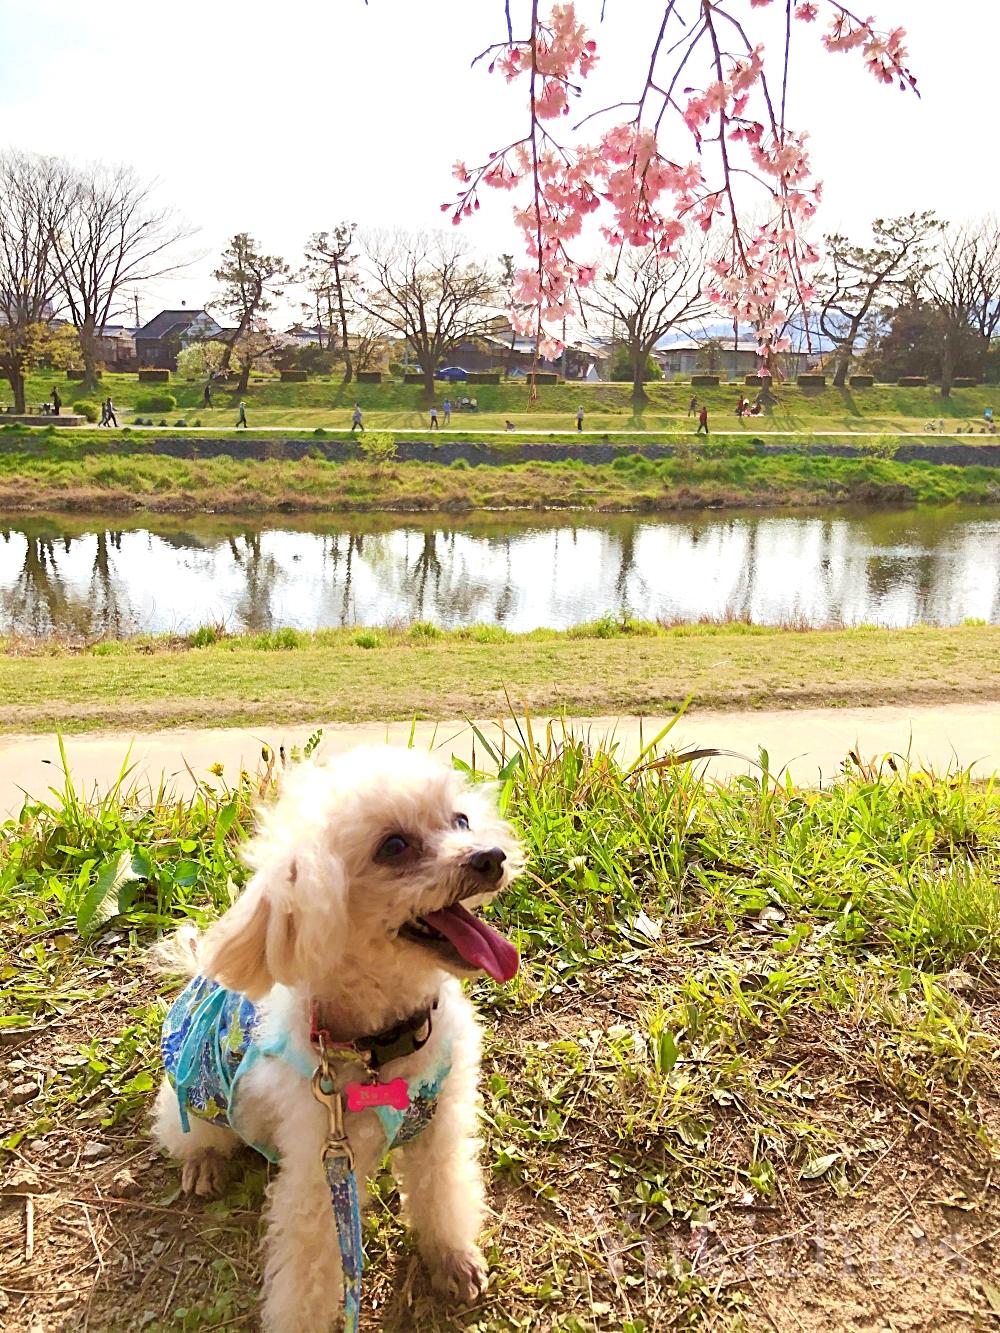 京都 北山 半木の道(なからぎのみち) 紅枝垂れ桜 トイプー諭吉